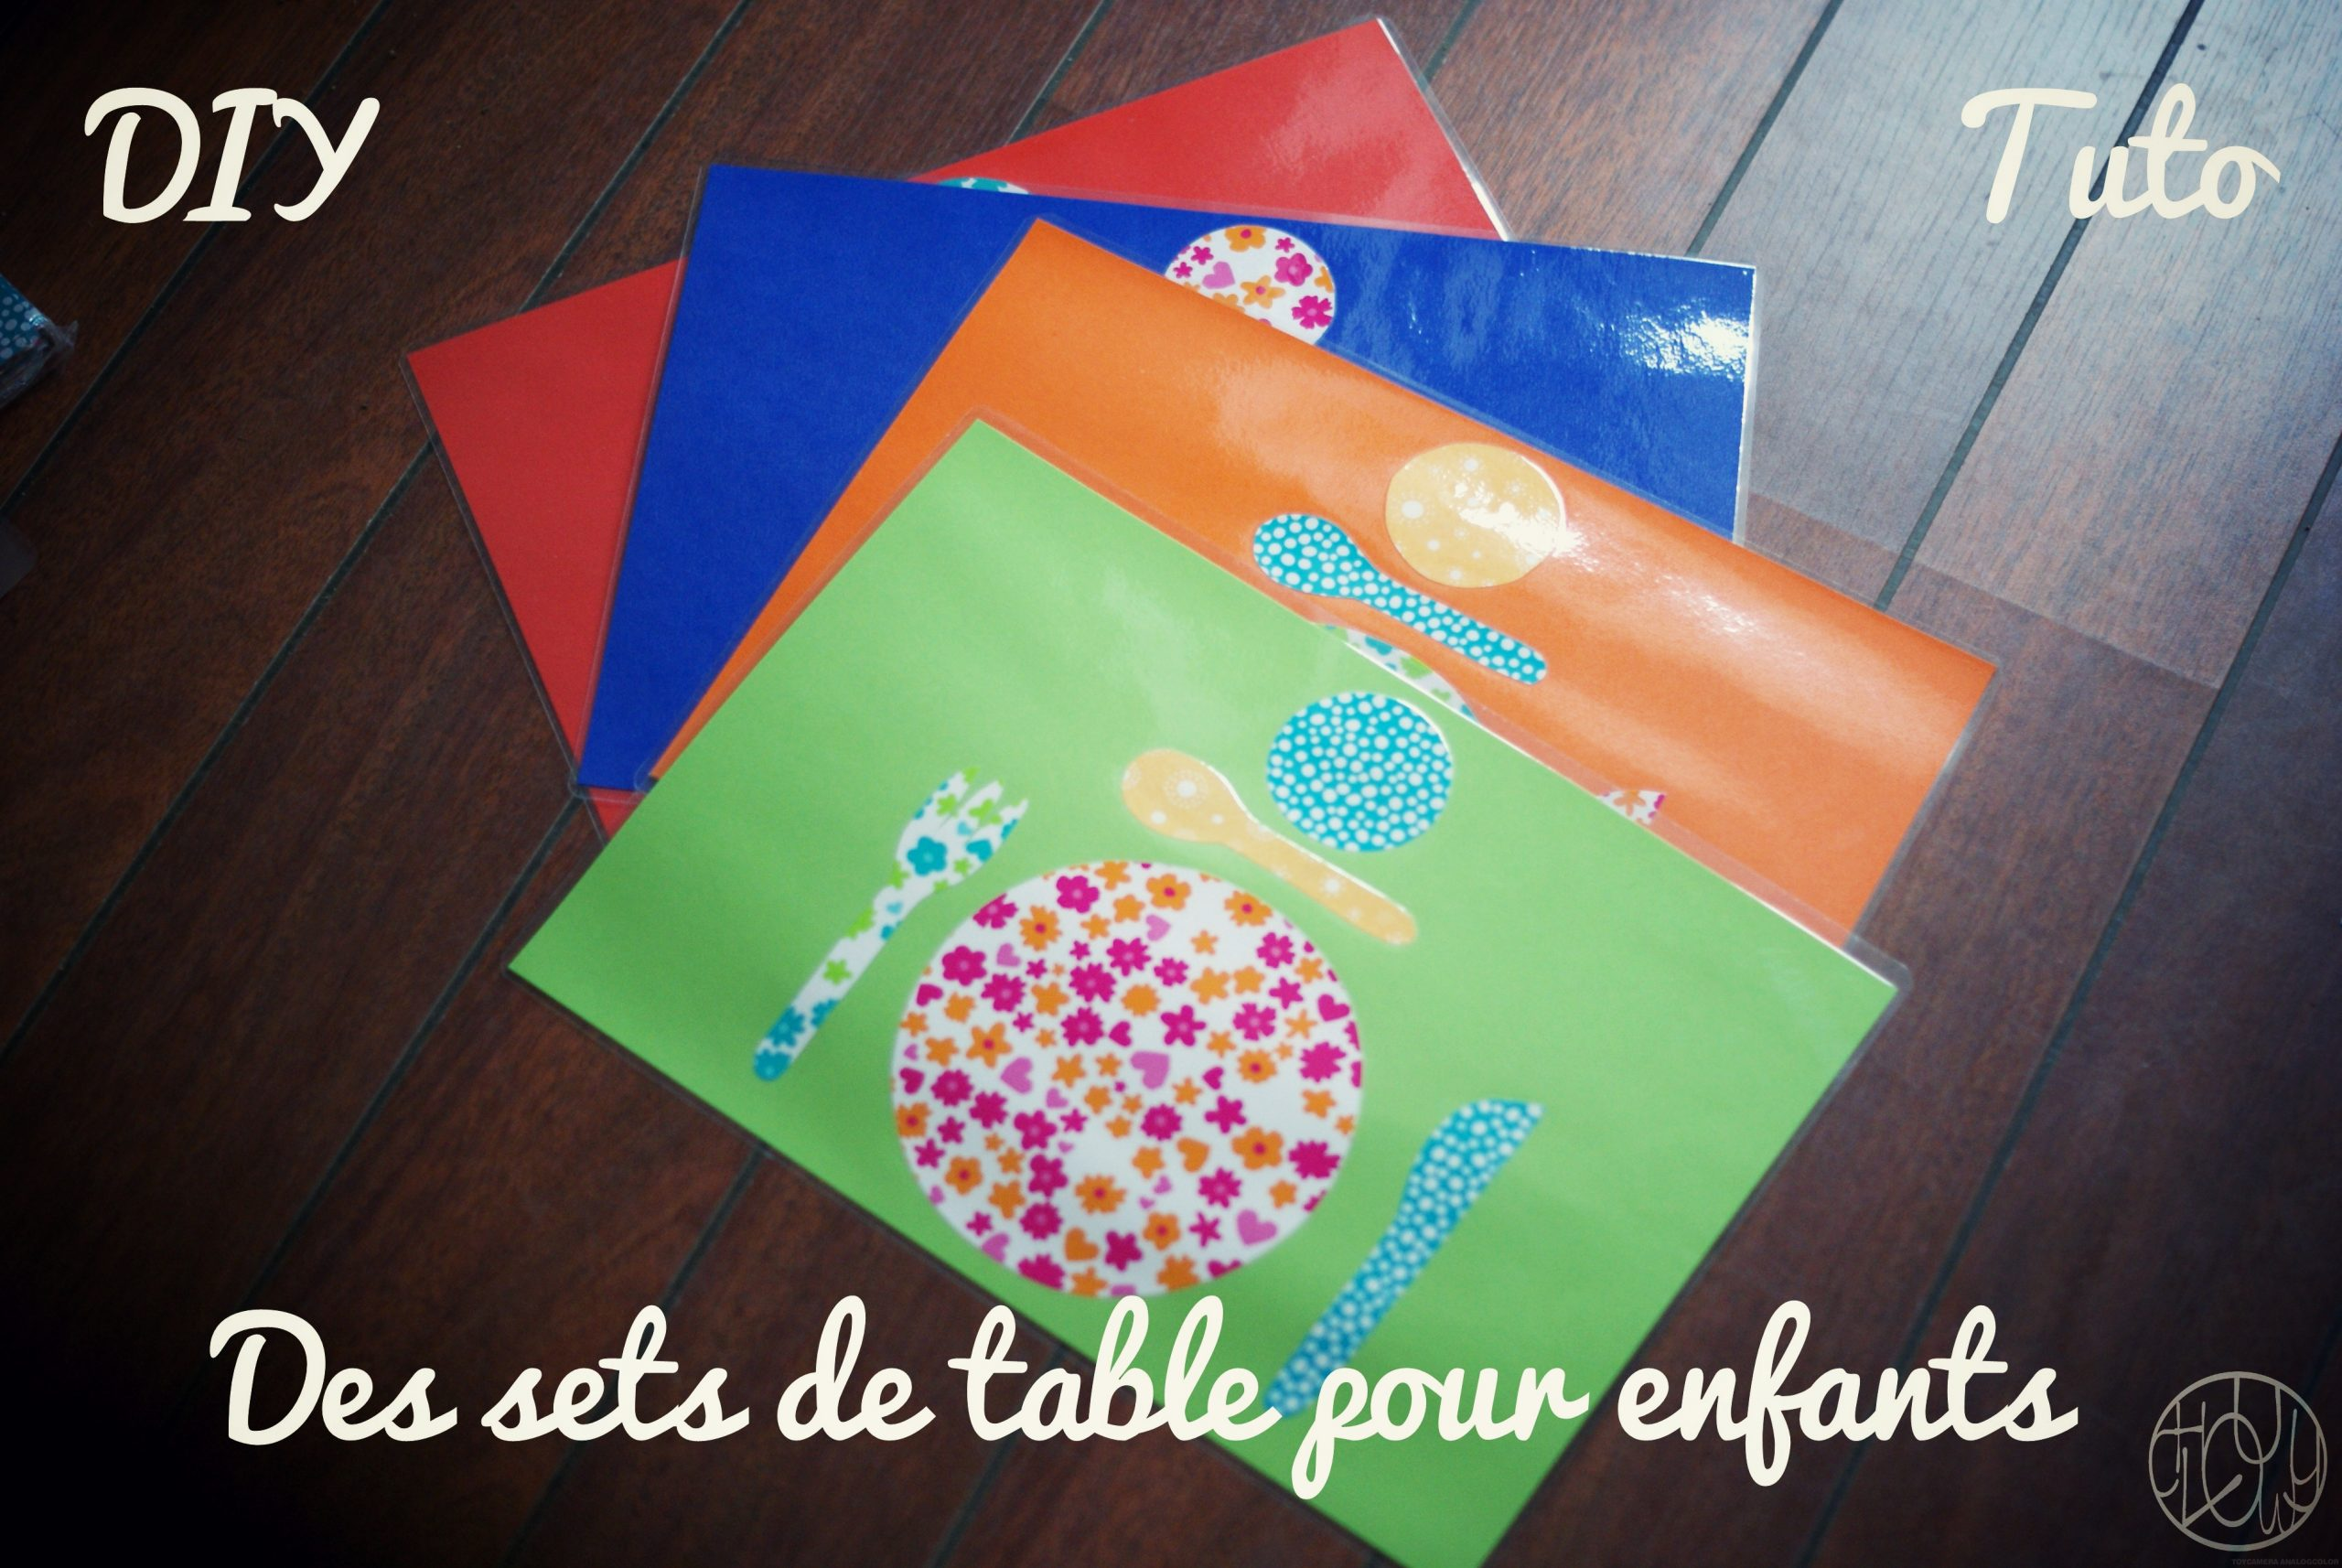 Diy Tutoriel : Des Sets De Table Montessori - Dans Ma Petite concernant Papier Plastifié Imprimable